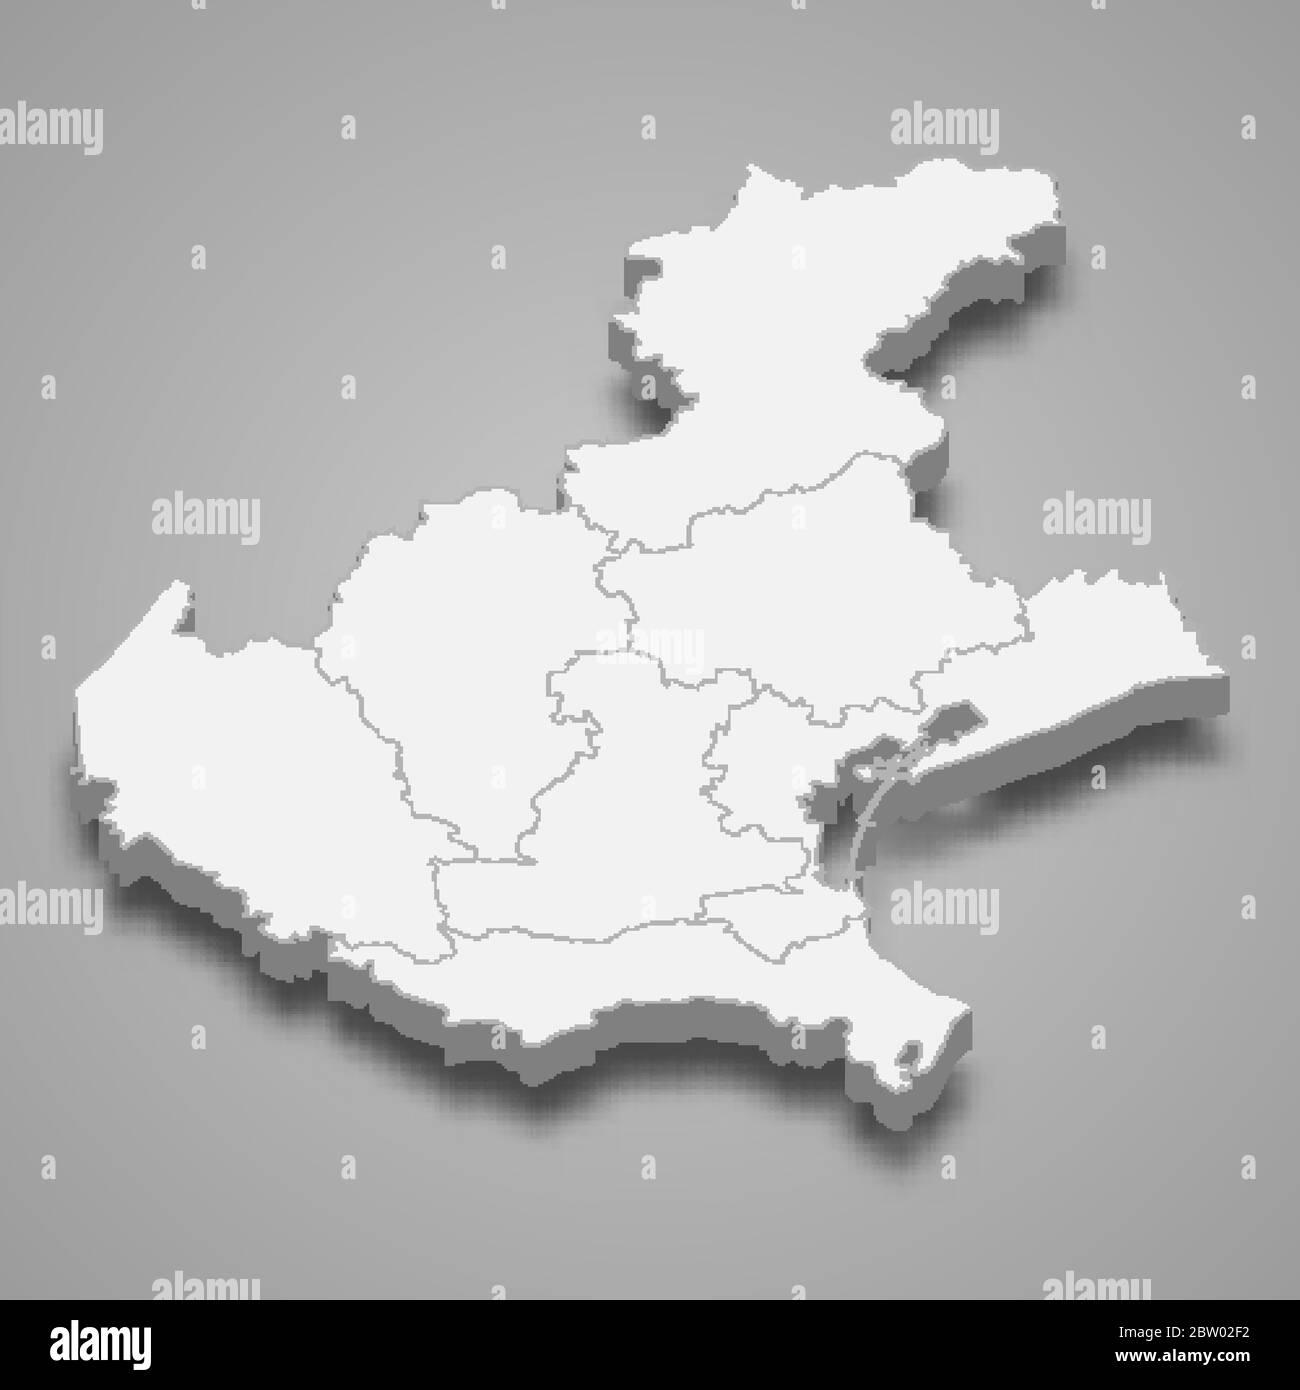 Veneto Regione Cartina.La Mappa 3d Del Veneto E Una Regione D Italia Immagine E Vettoriale Alamy